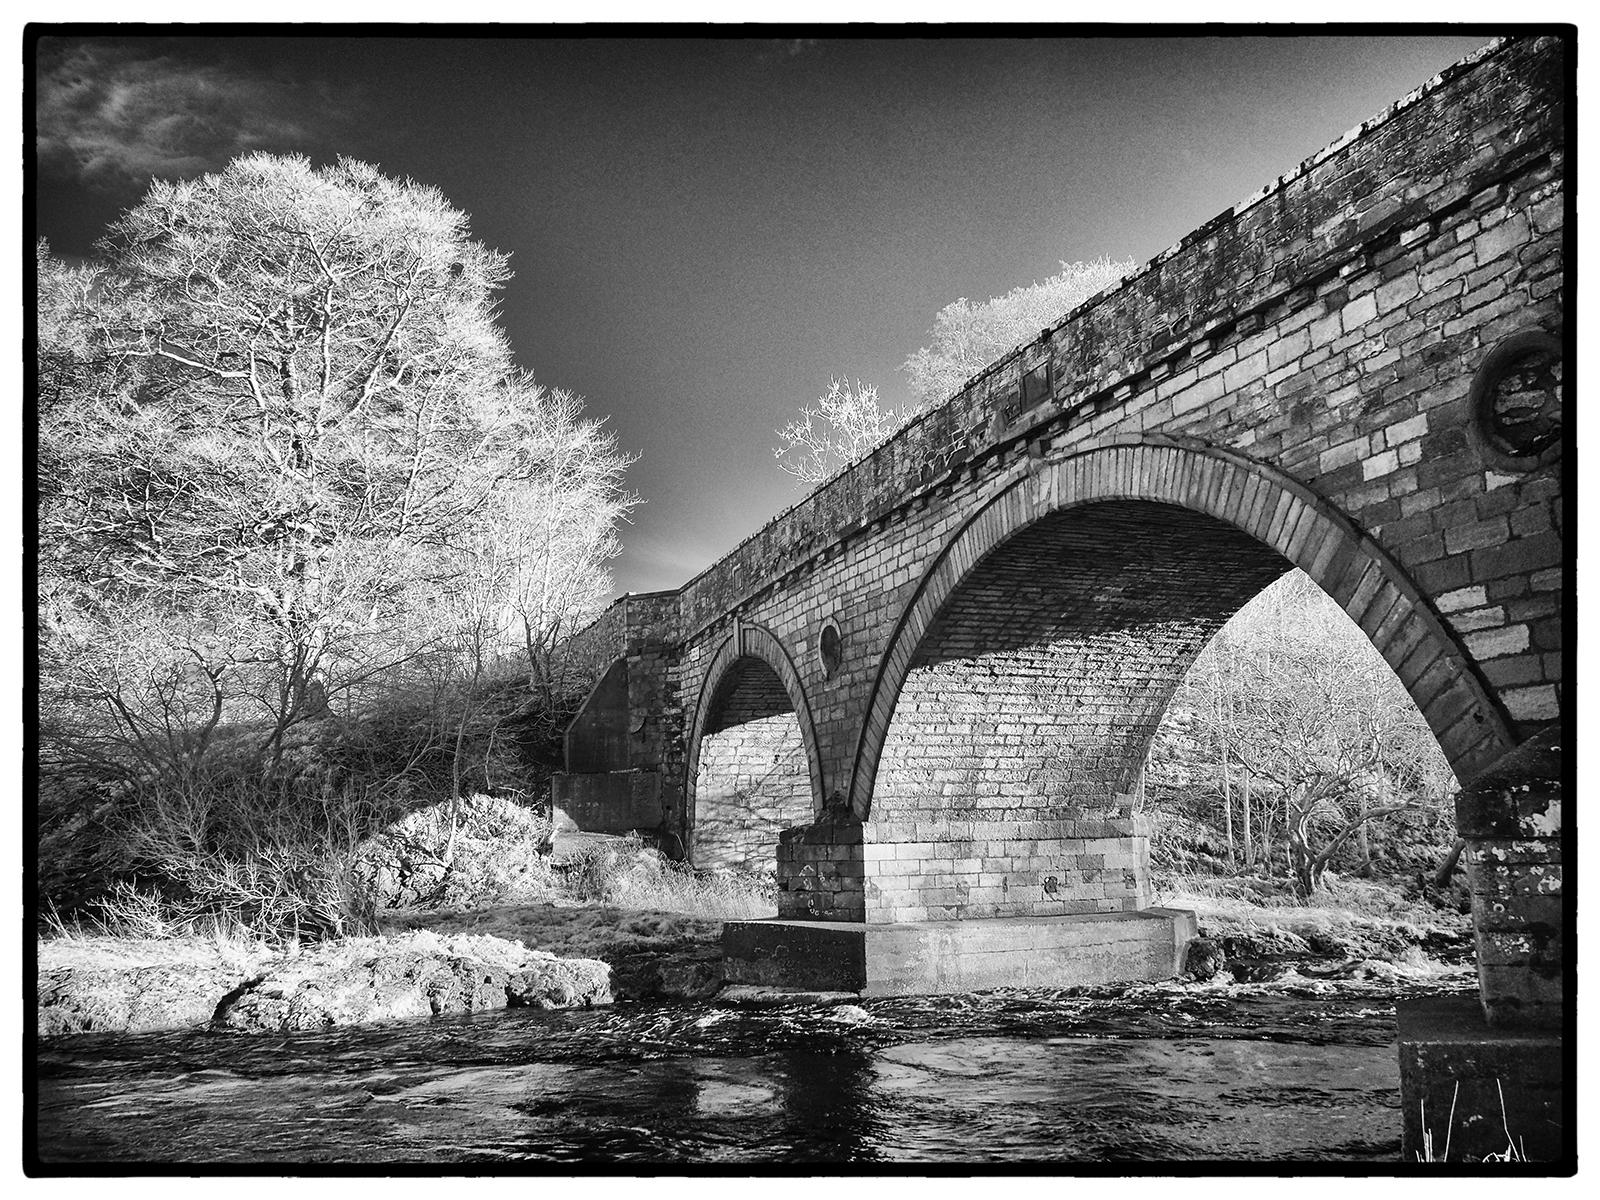 The bridge at Cumledge